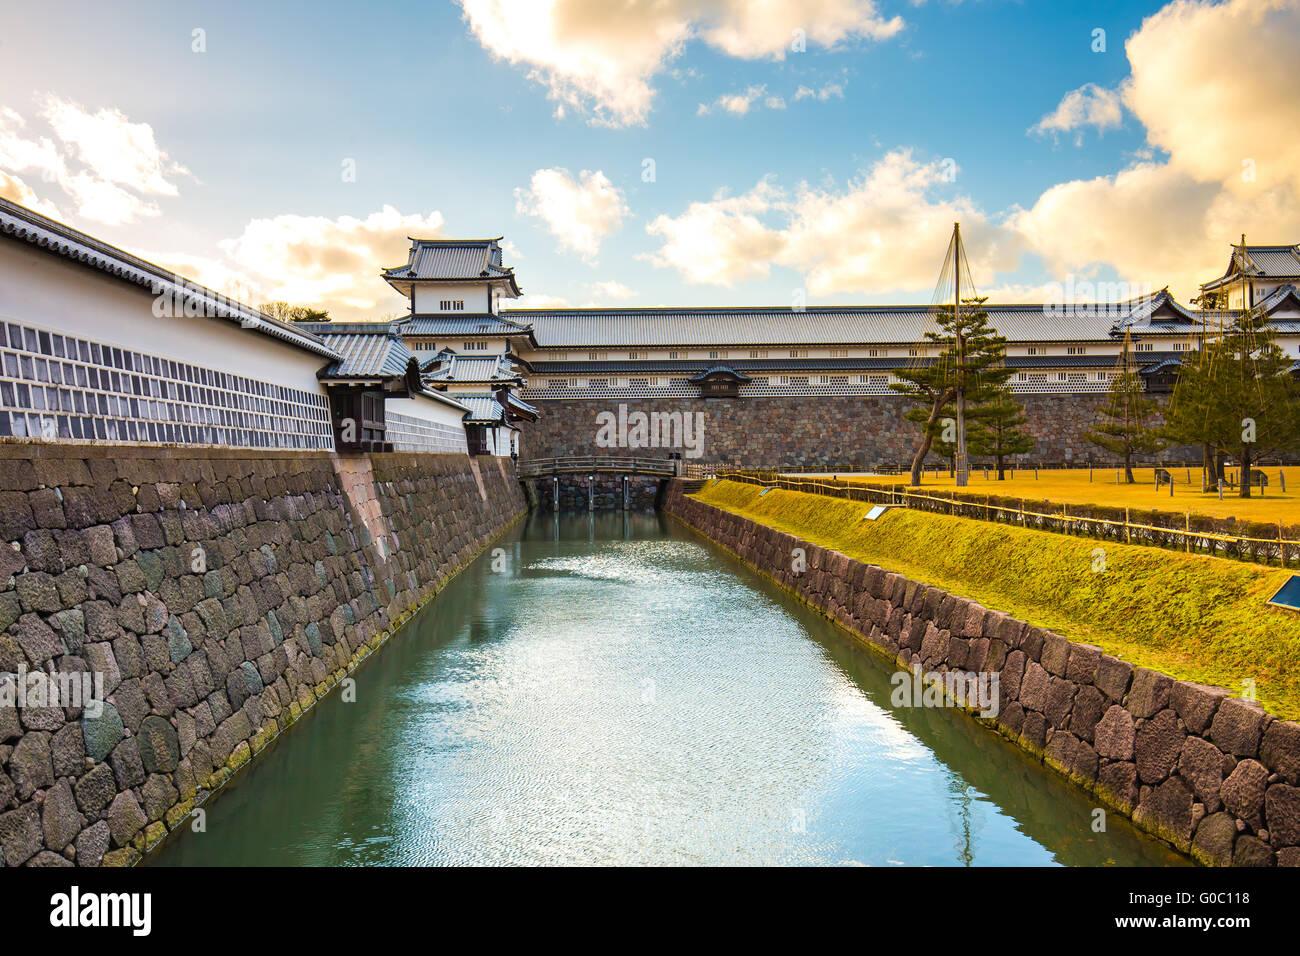 Kanazawa Castle in Kanazawa, Japan. - Stock Image